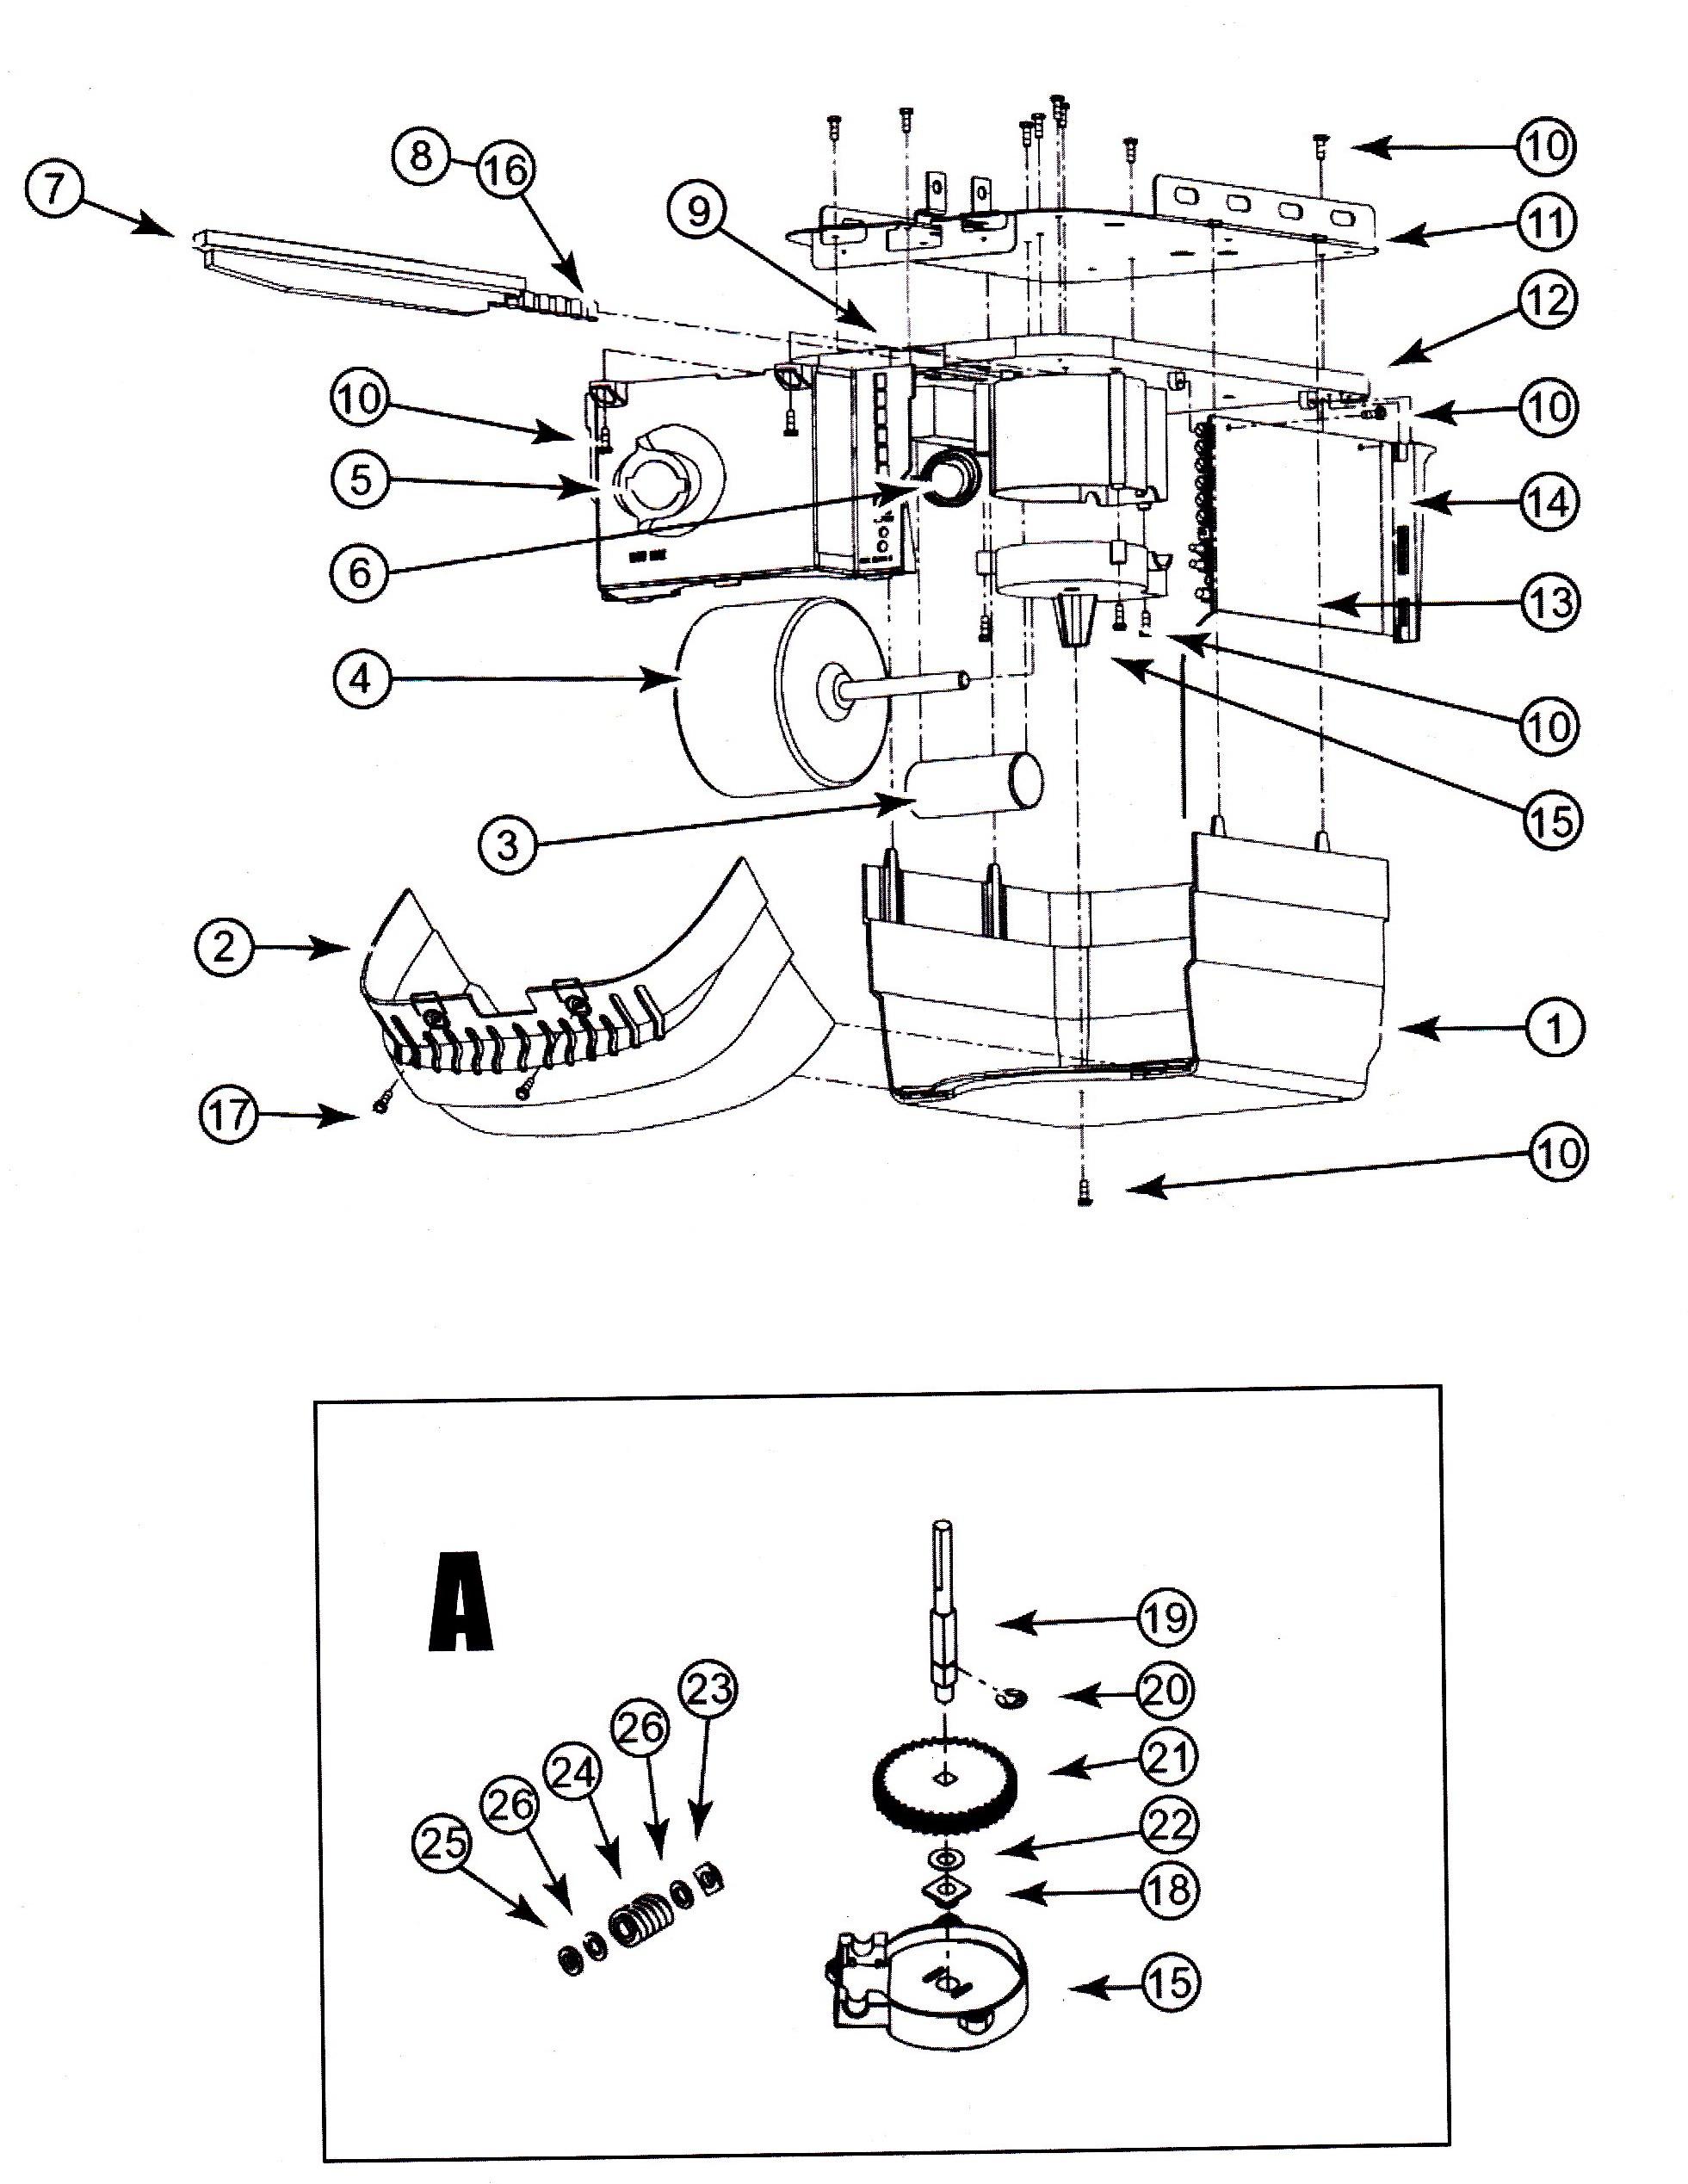 python 2 garage door opener wiring diagram